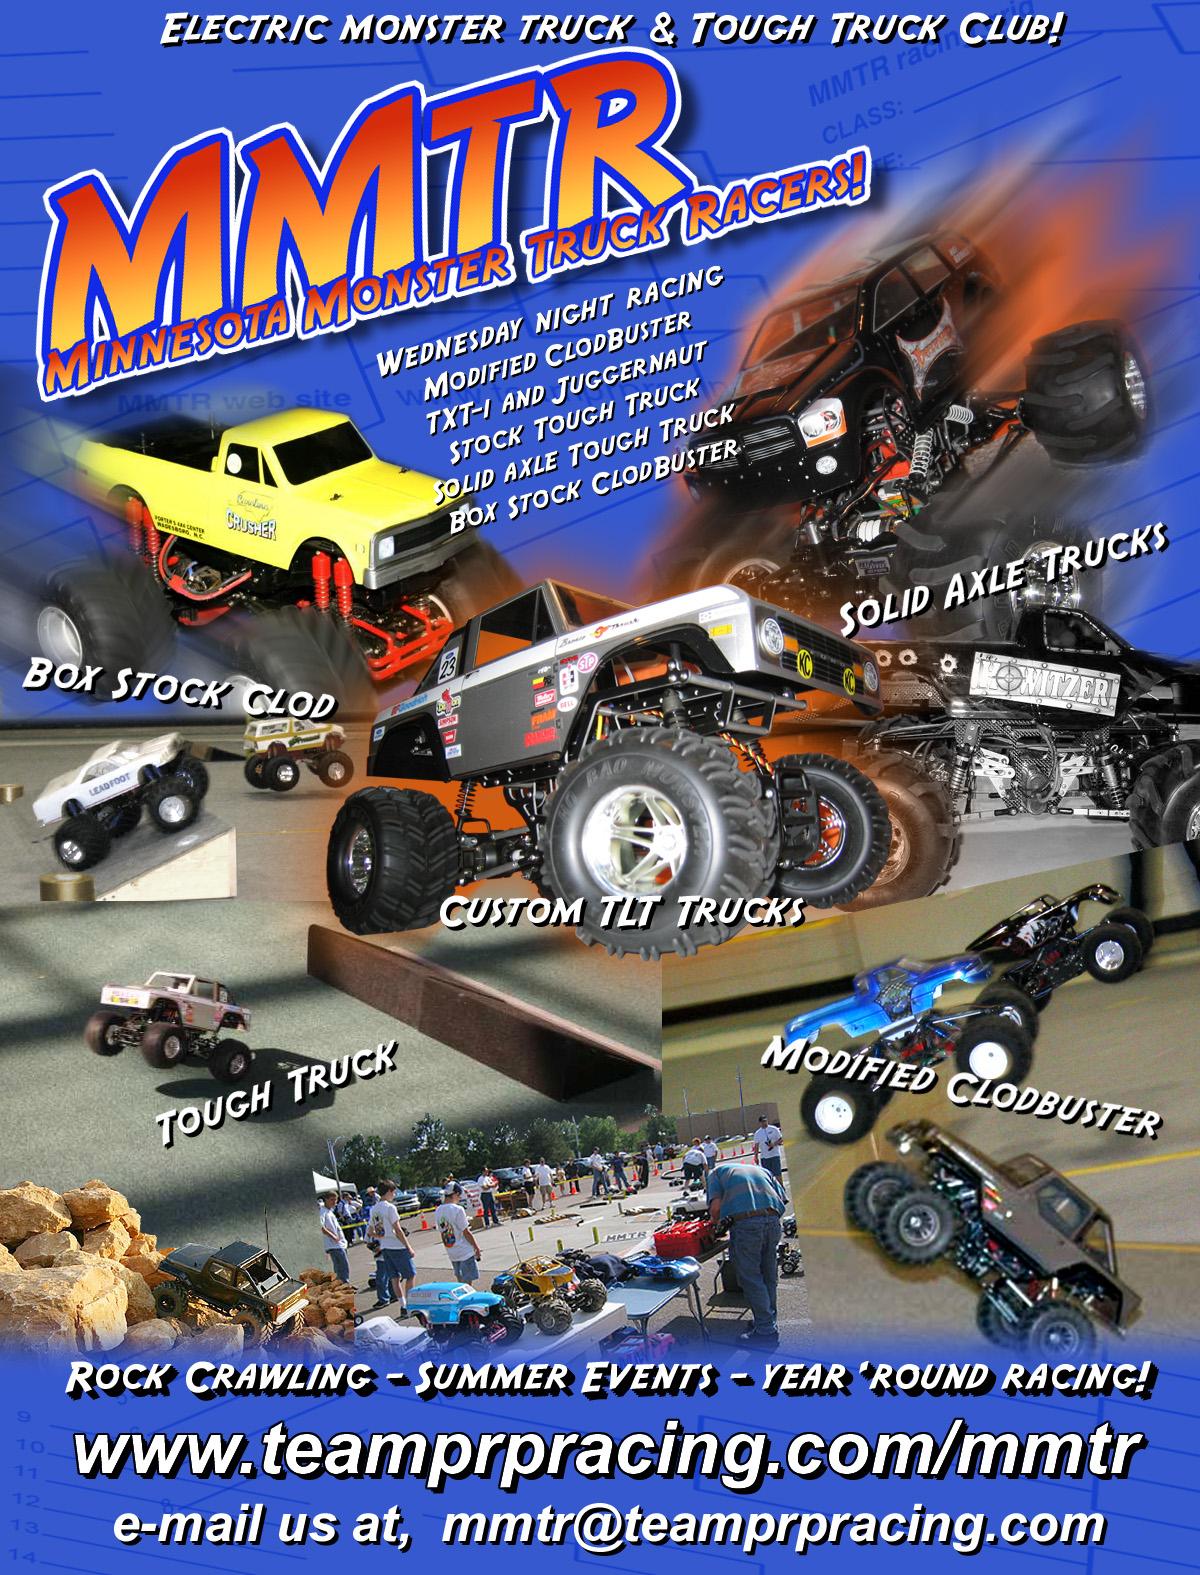 MMTR: Minnesota Monster Truck Racers